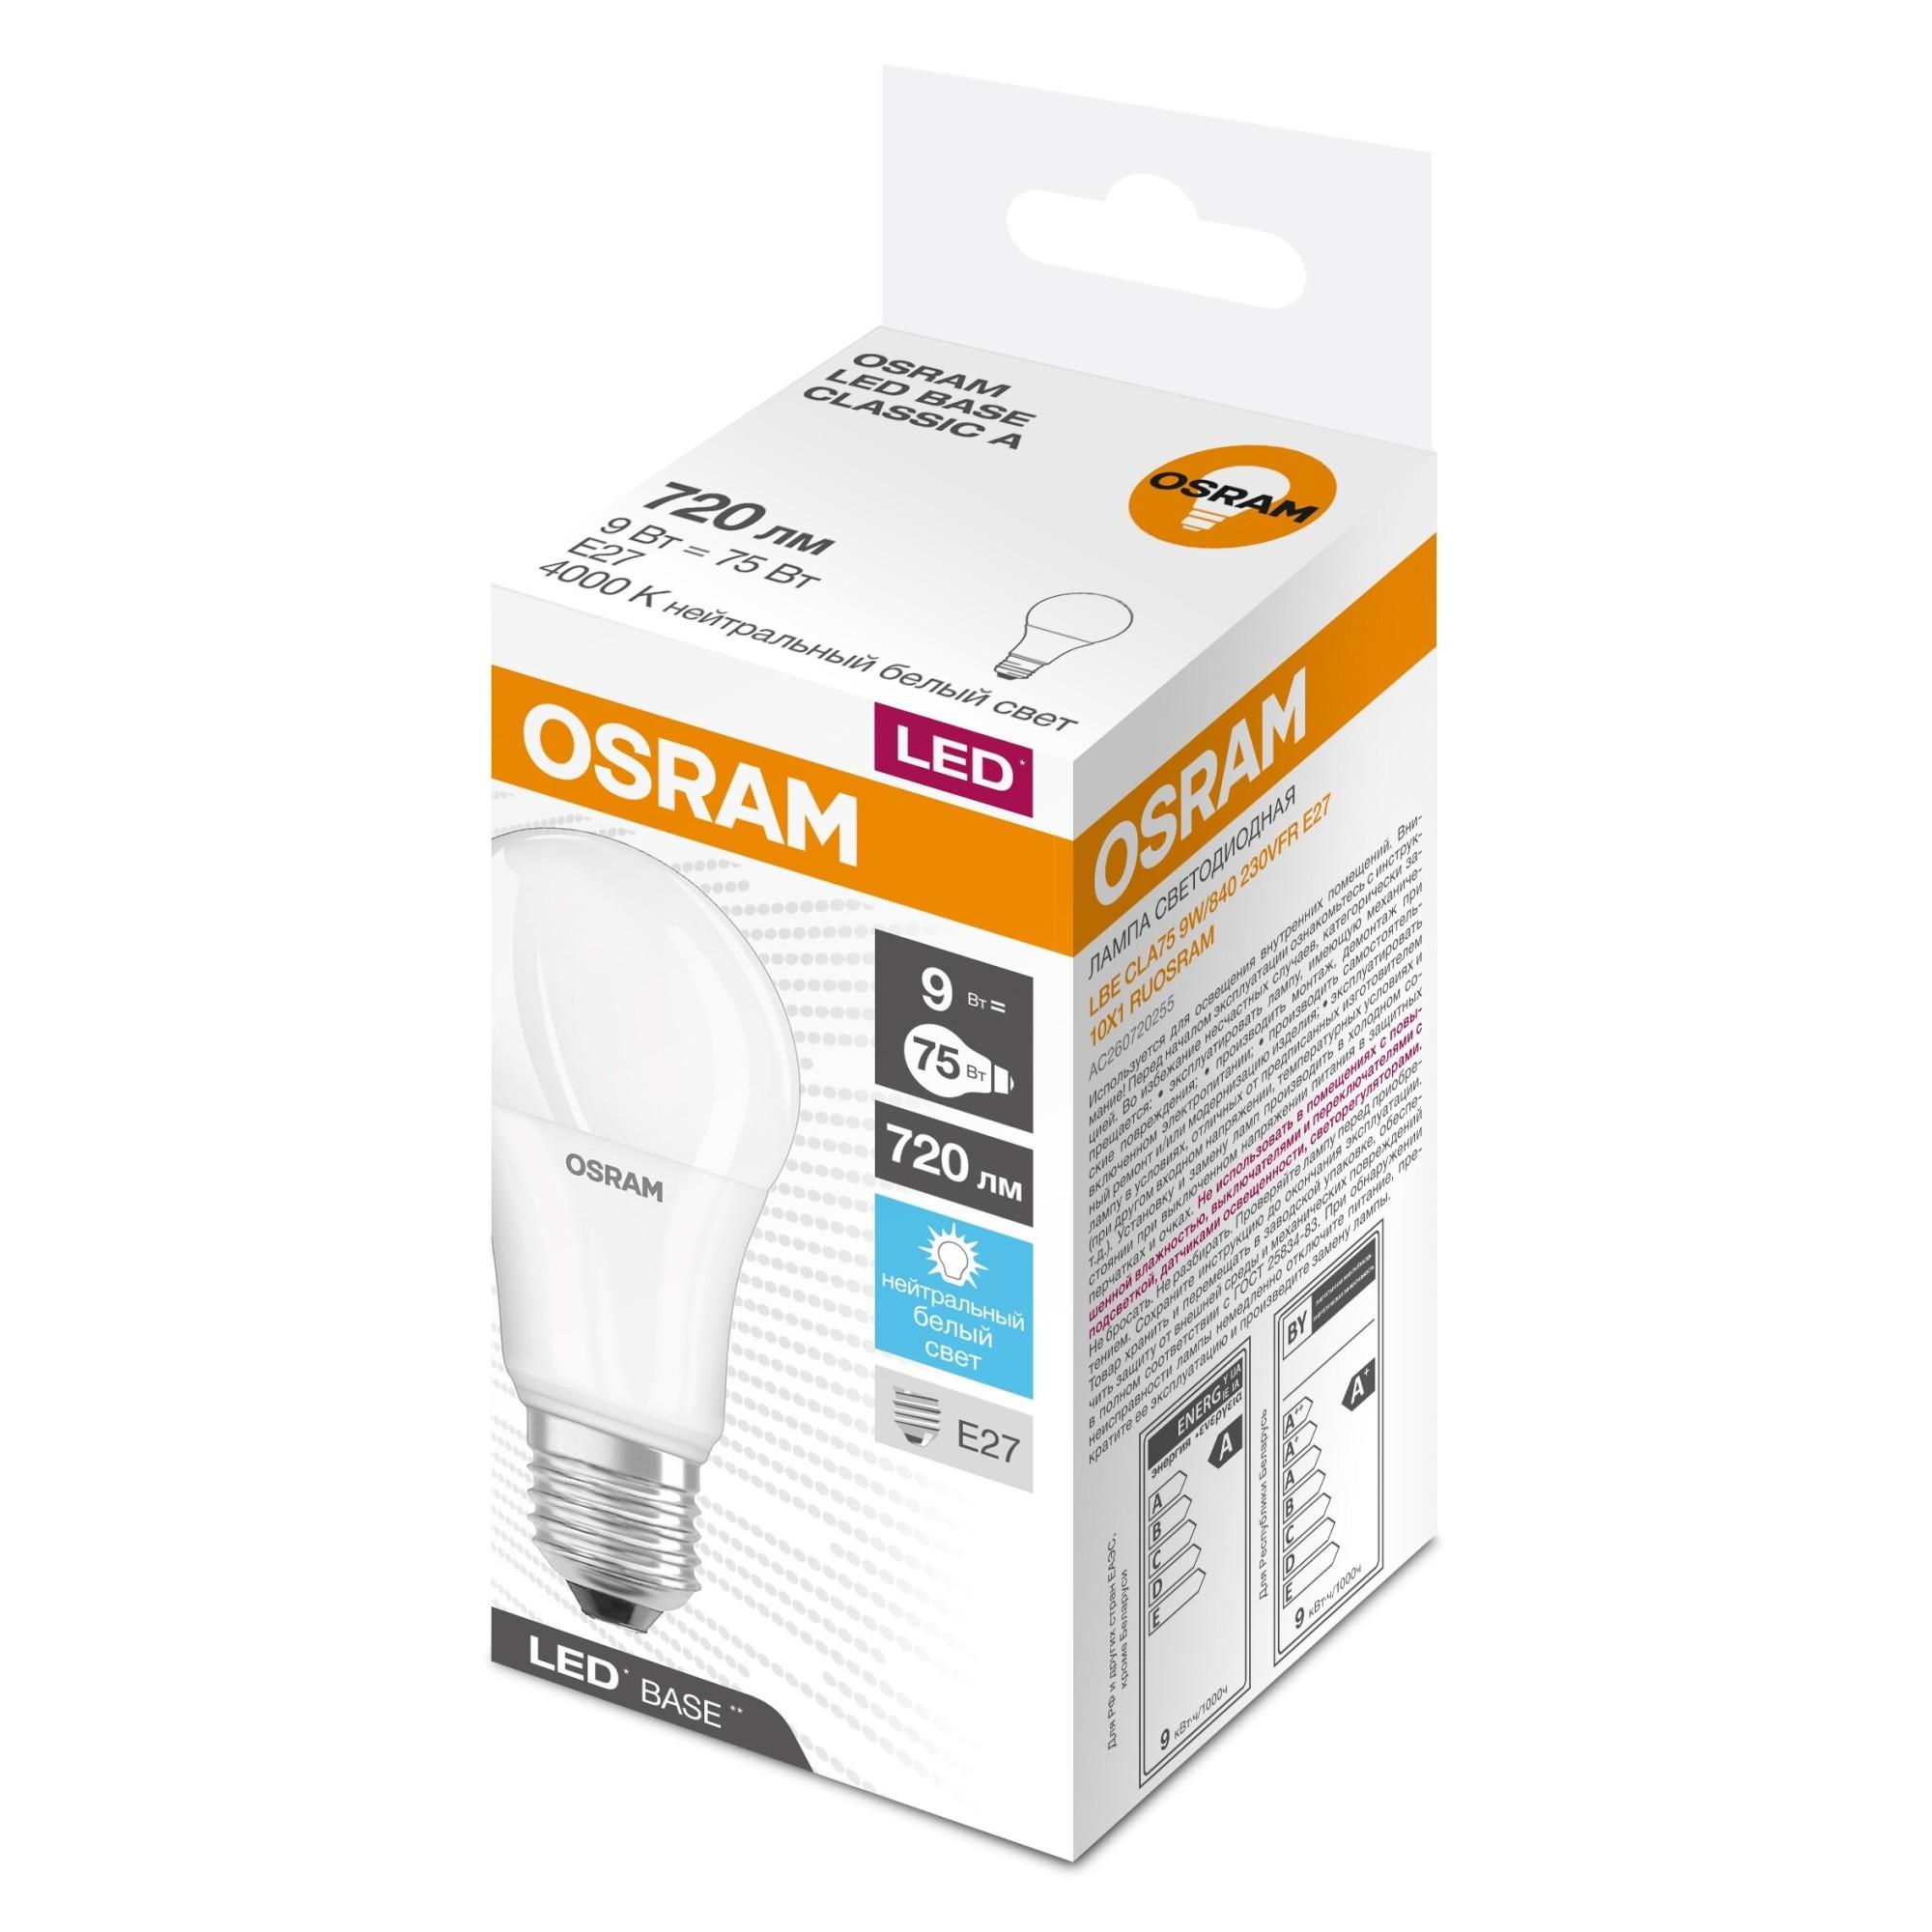 Лампа светодиодная Osram E27 220-240 В 9 Вт груша матовая 720 лм нейтральный белый свет